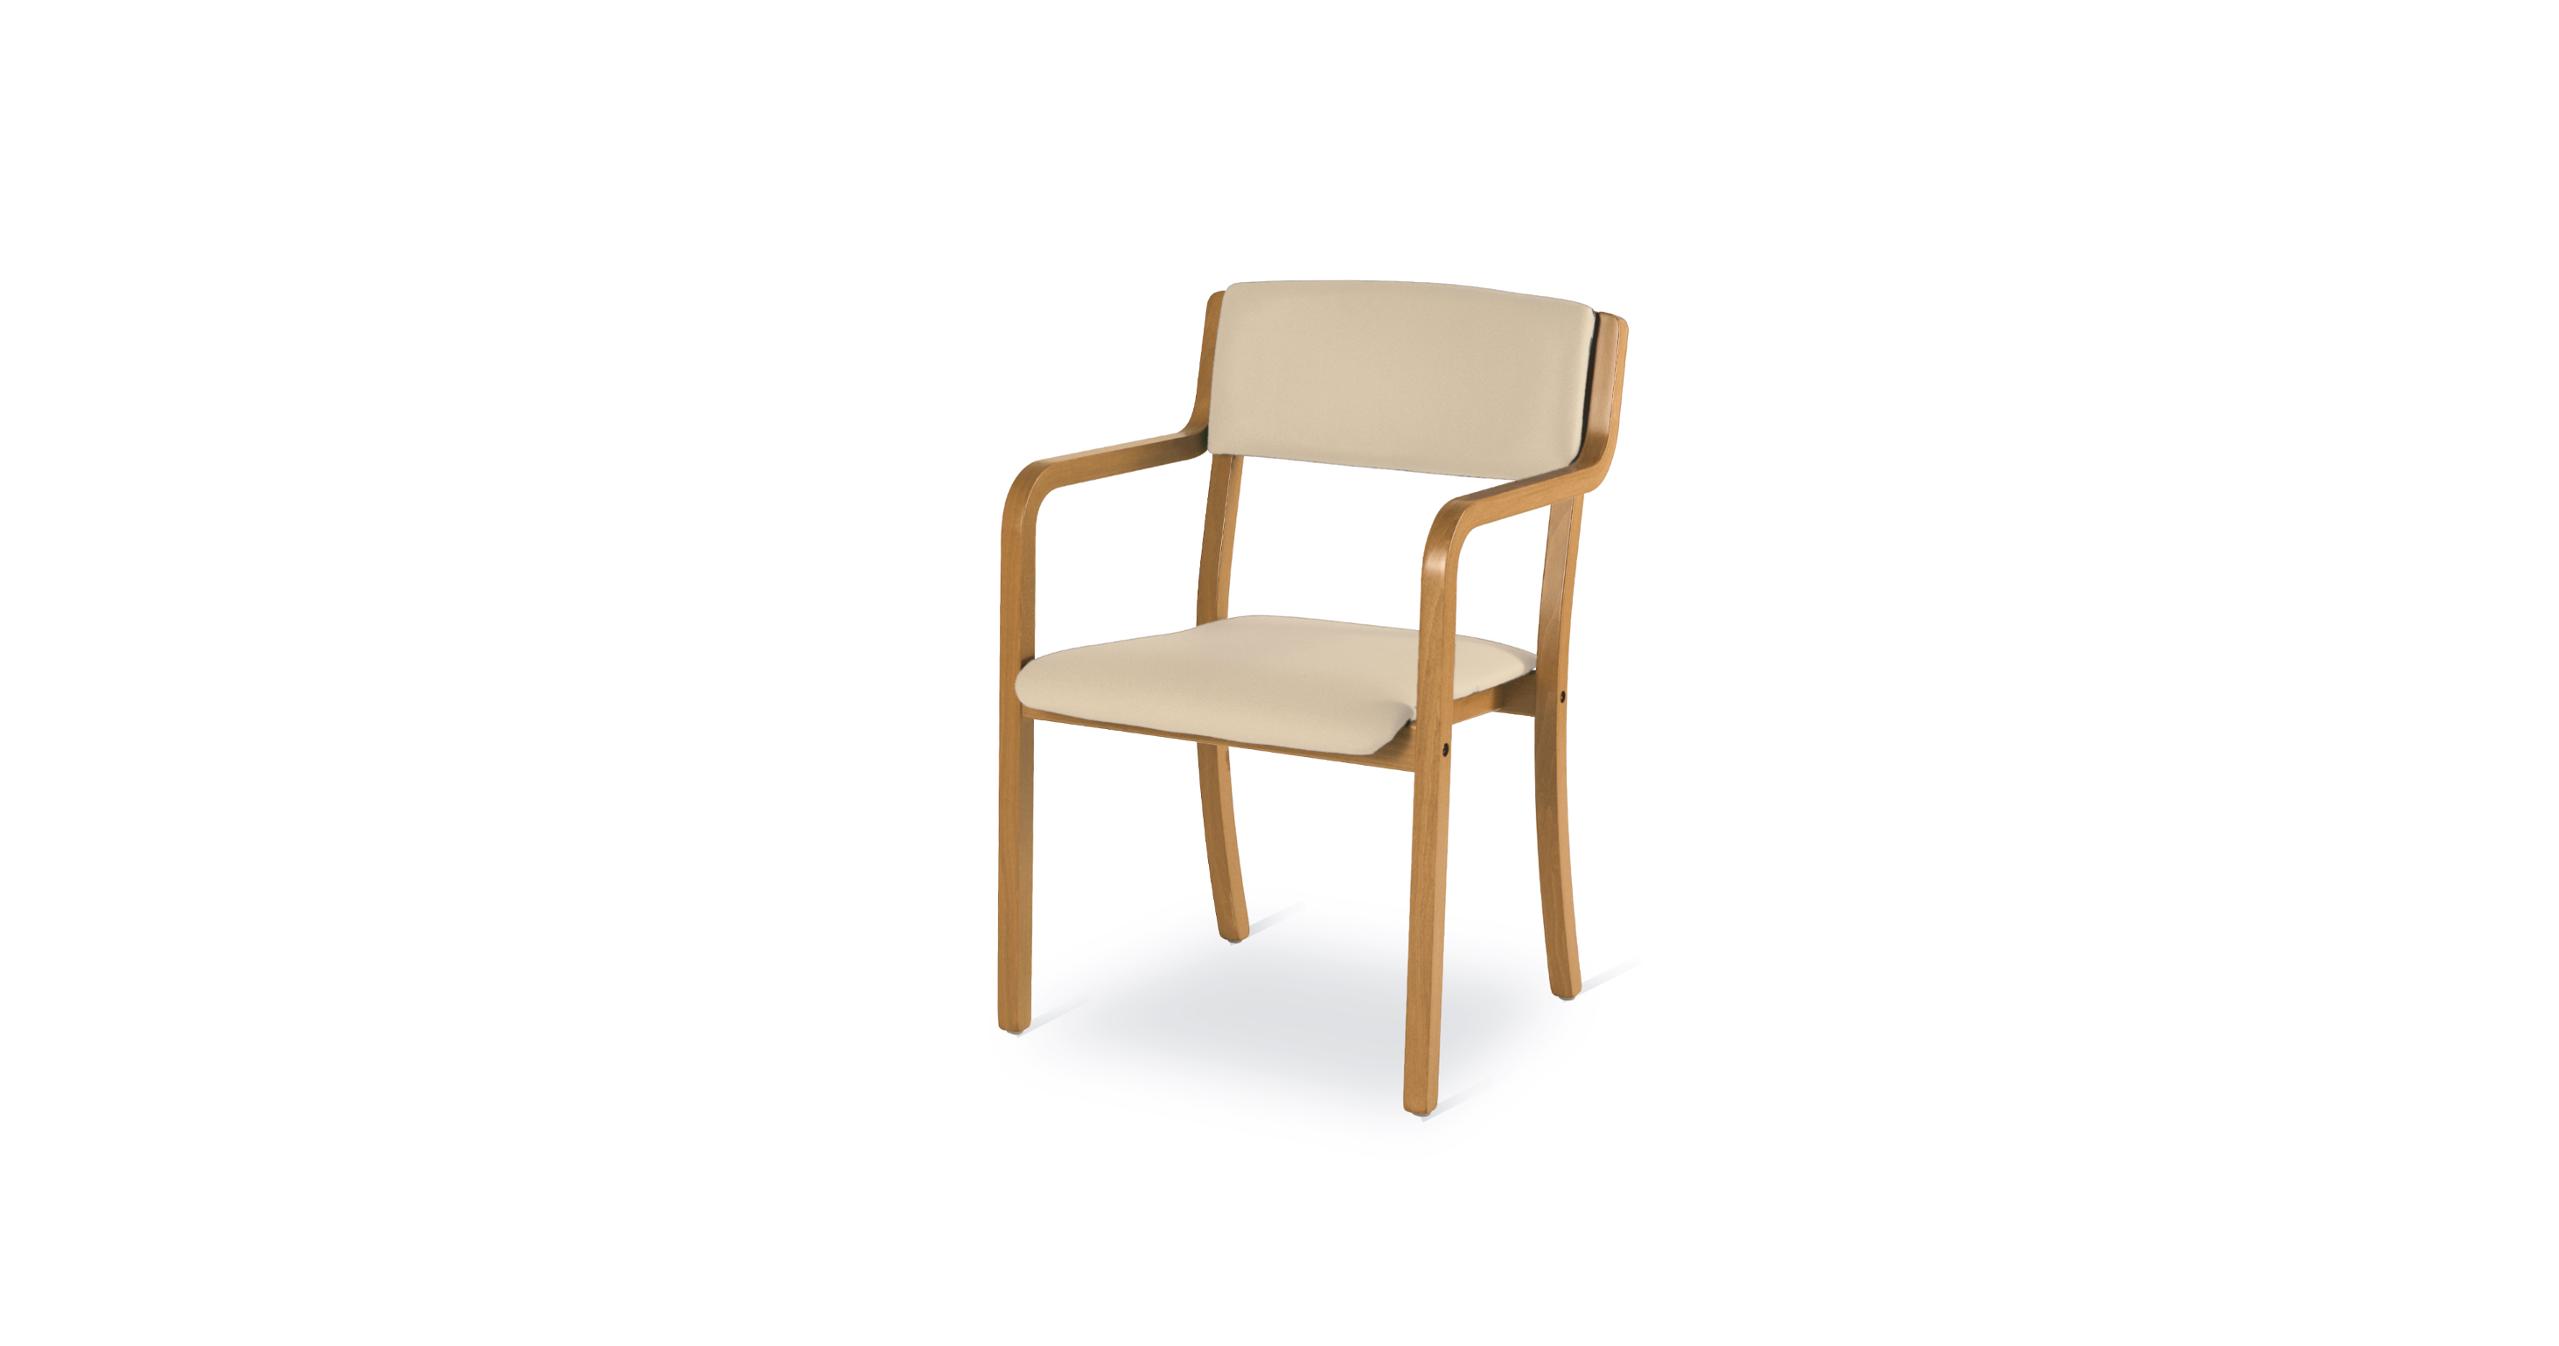 Sedia in legno multistrato di faggio impilabile con sedile e schienale imbottiti e pleta di braccioli le sue caratteristiche peculiari sono